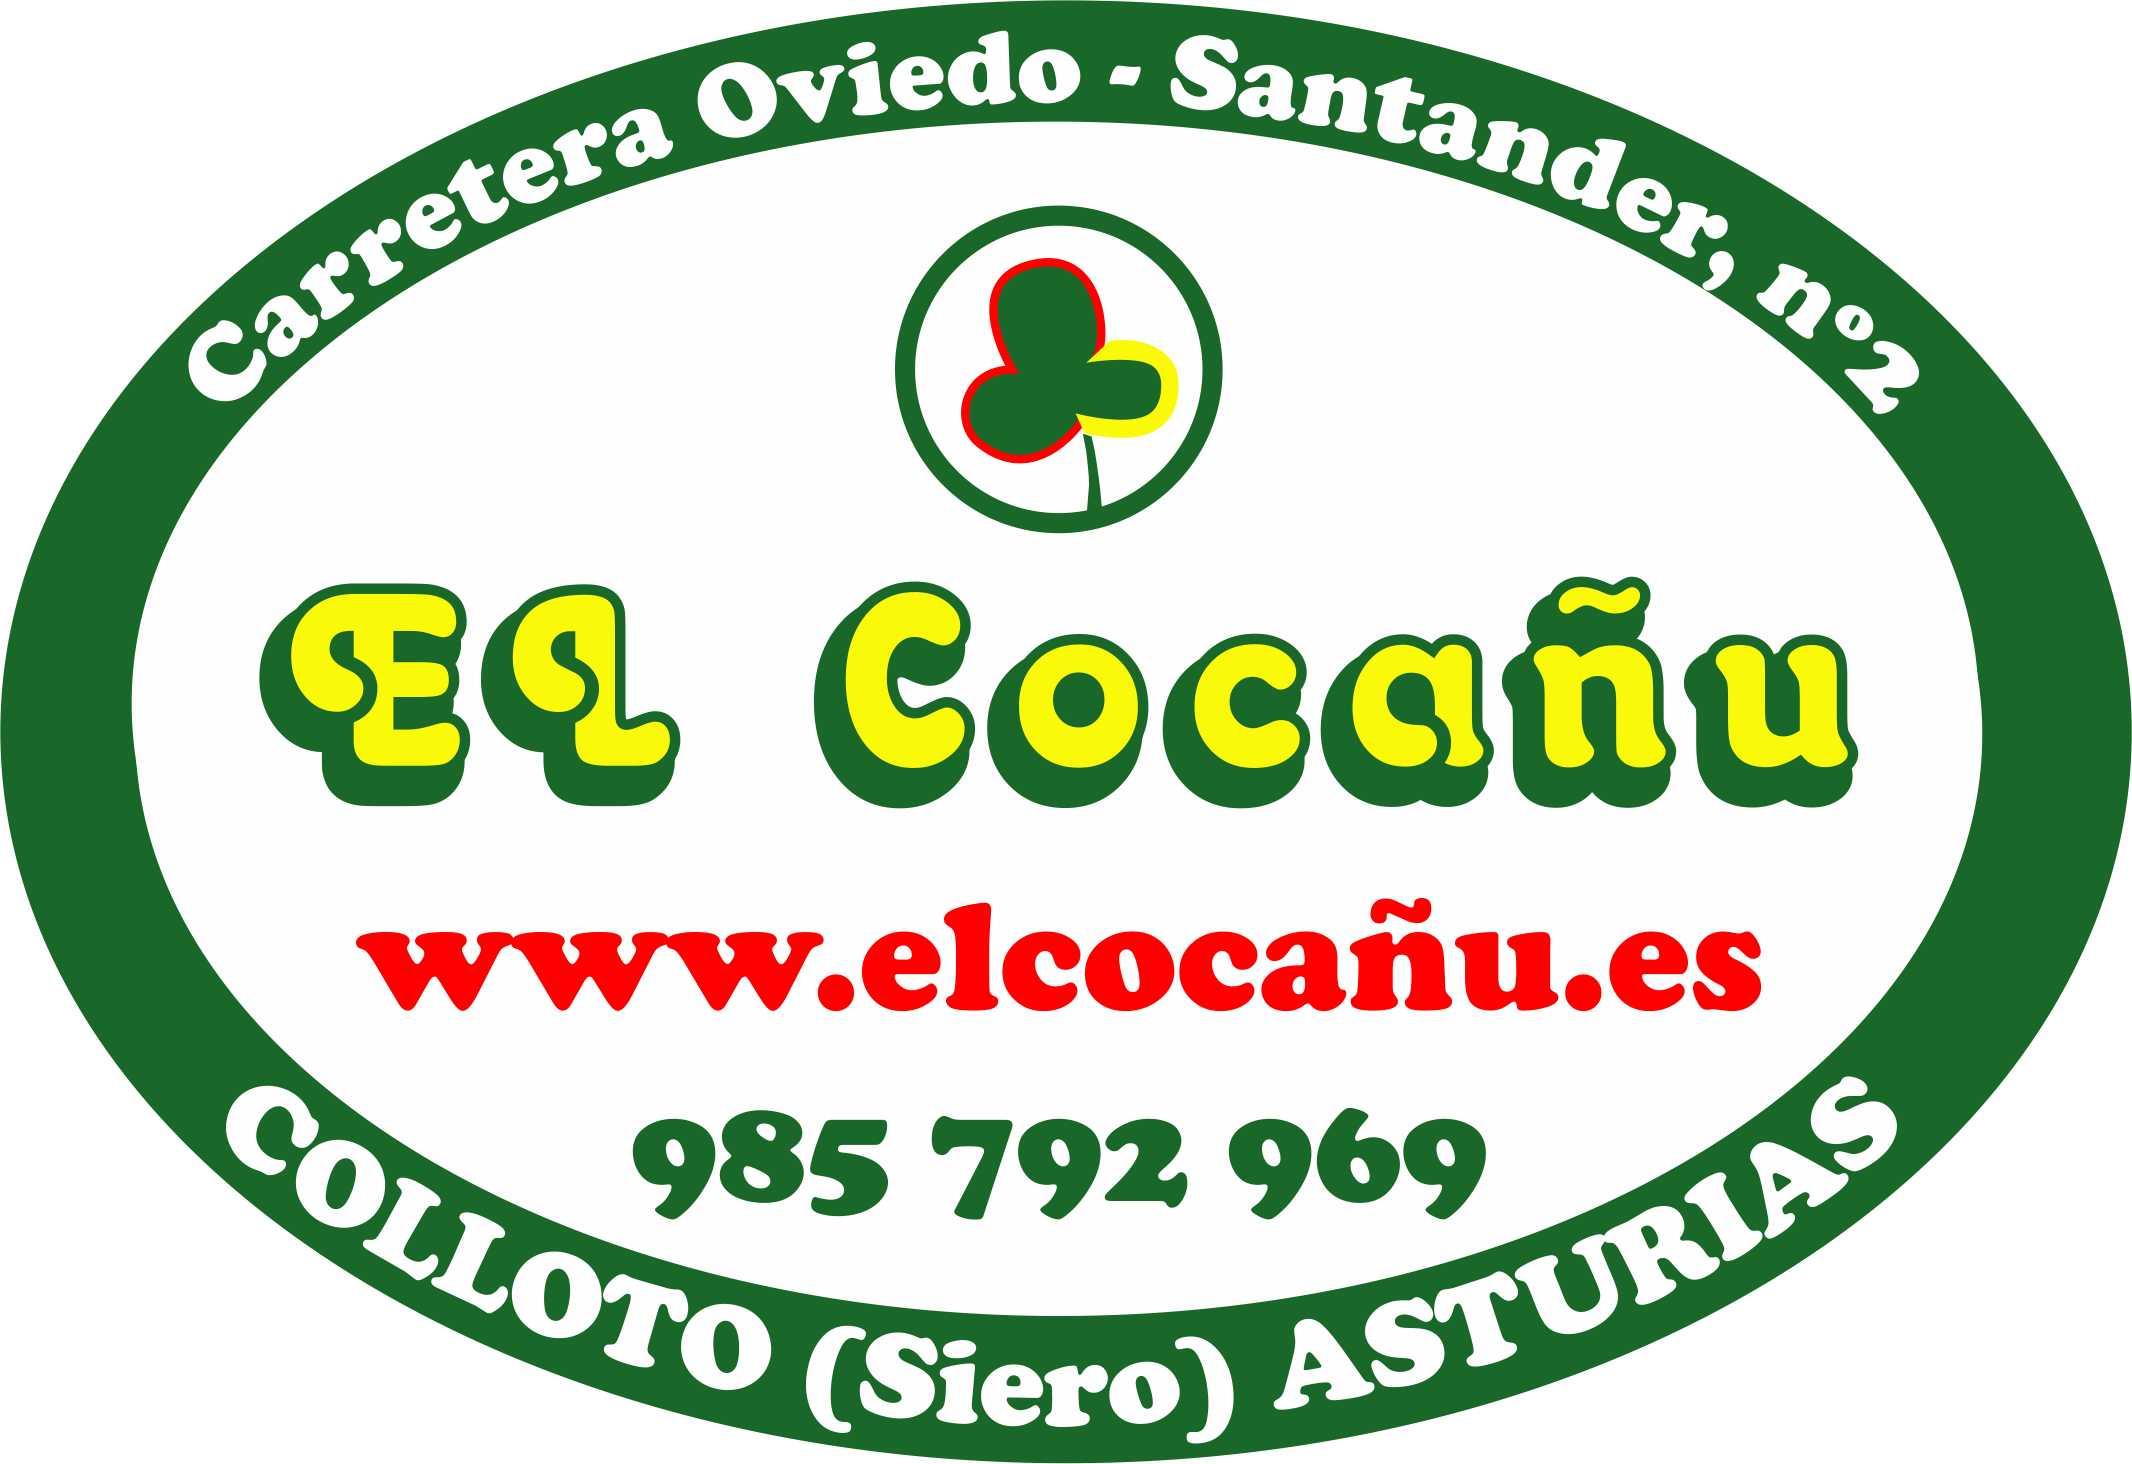 El Cocañu